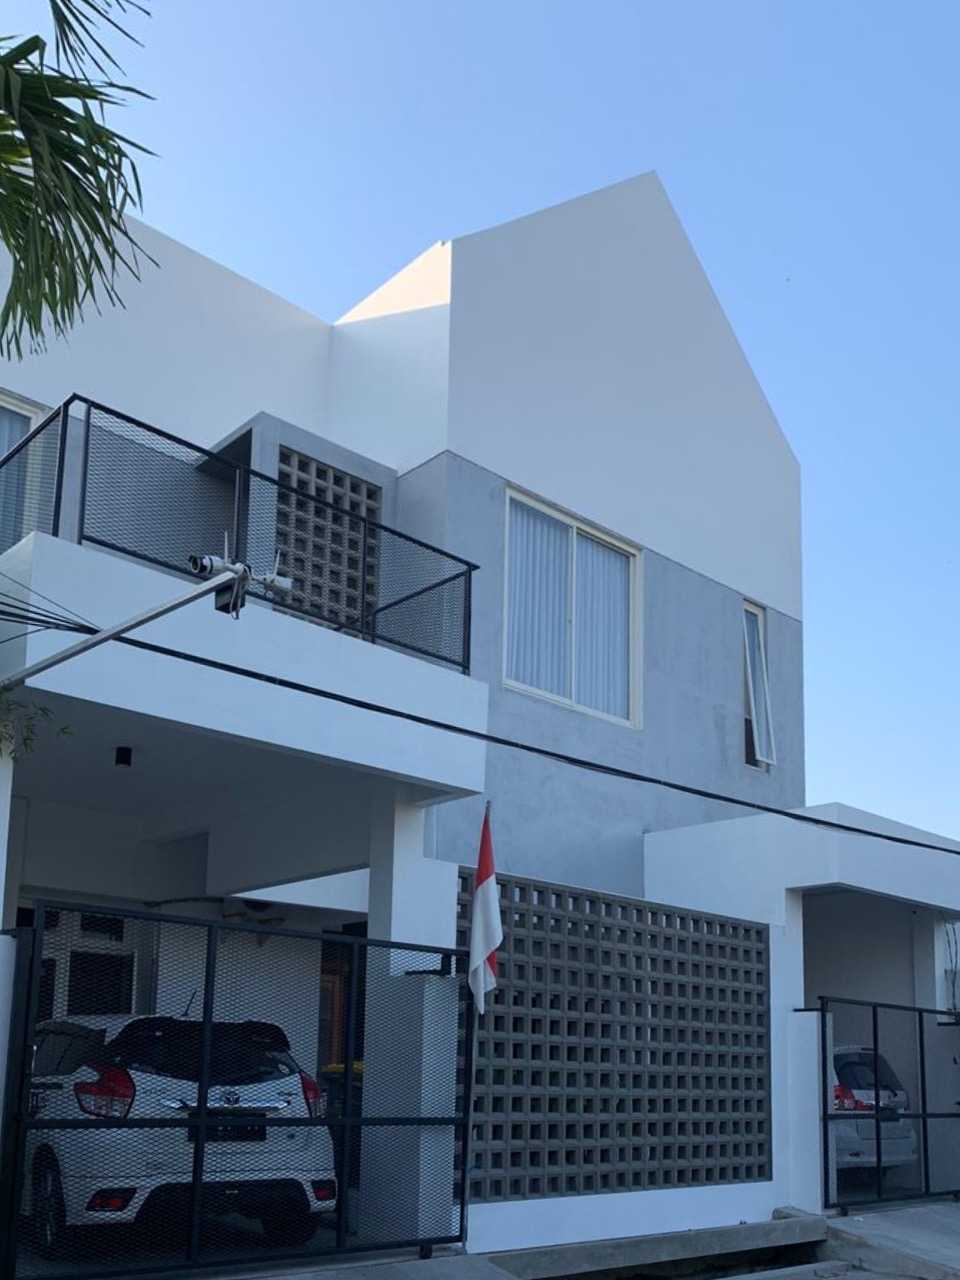 D4 Maison 33 Sidoarjo, Kec. Sidoarjo, Kabupaten Sidoarjo, Jawa Timur, Indonesia Sidoarjo, Kec. Sidoarjo, Kabupaten Sidoarjo, Jawa Timur, Indonesia D4-Maison-33  109364